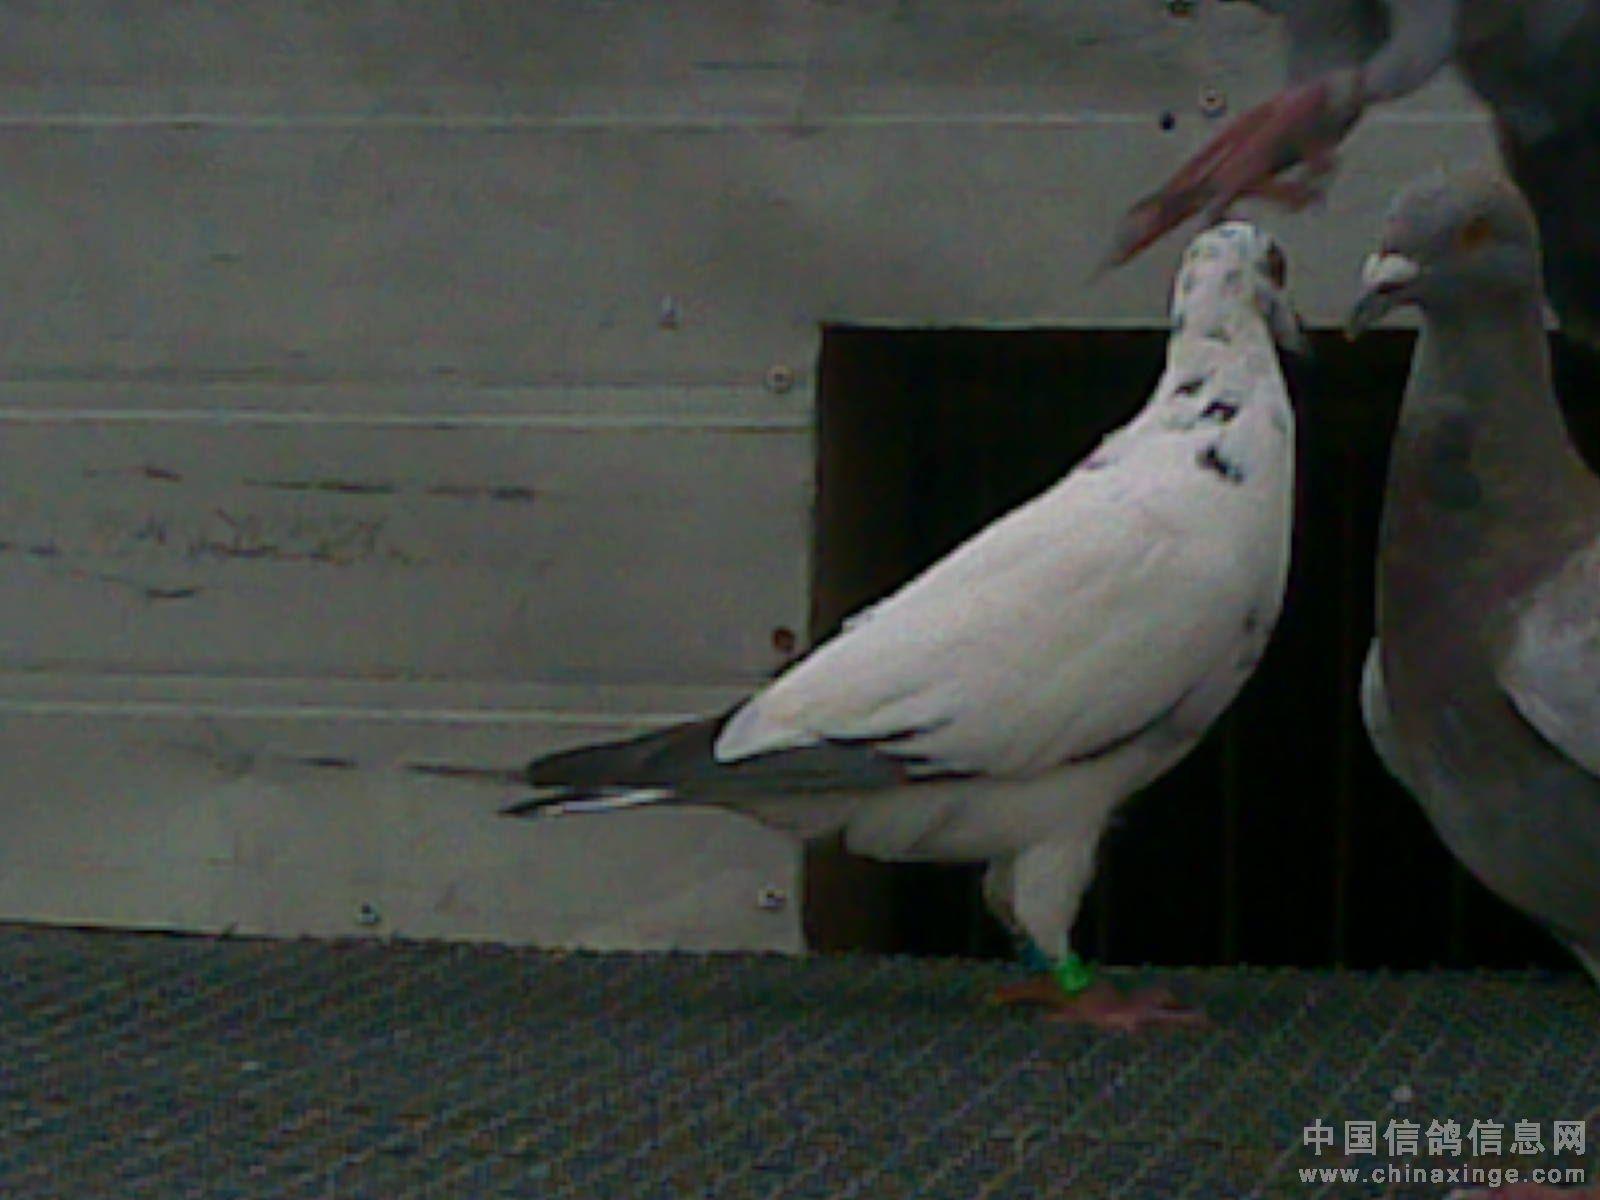 换羽期赛鸽容易受惊,一羽受惊的鸽子